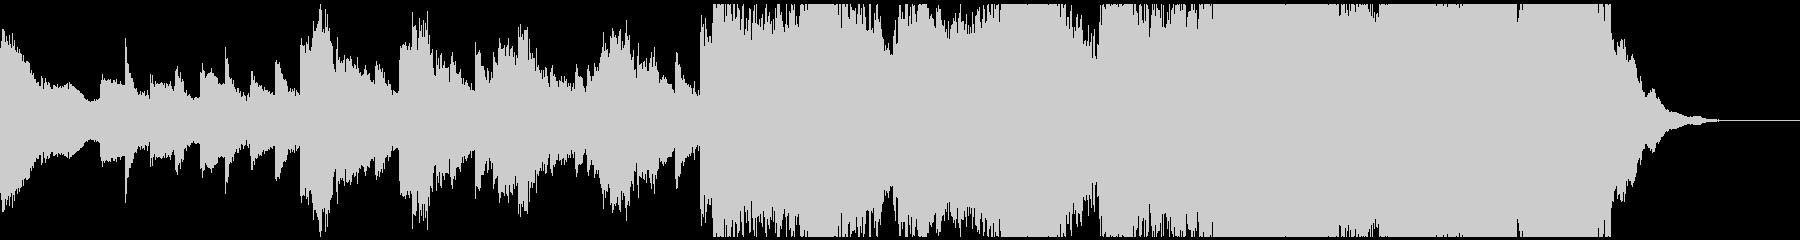 現代的 交響曲 ドラマチック 暗い...の未再生の波形